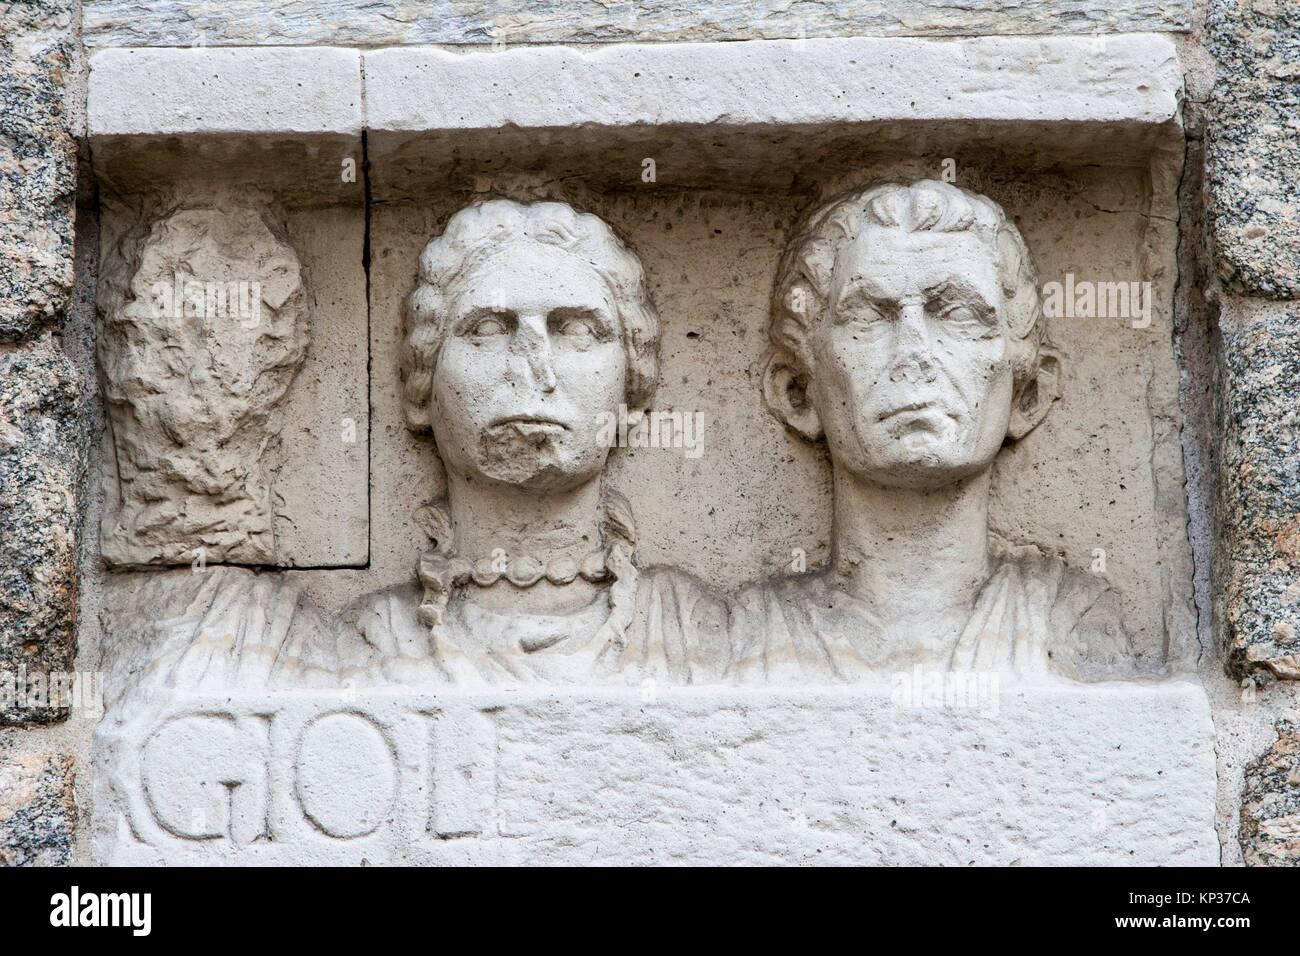 Detail of Porta Nuova, Plaza de La Scala, Milan, Lombardy, Italy. Stock Photo